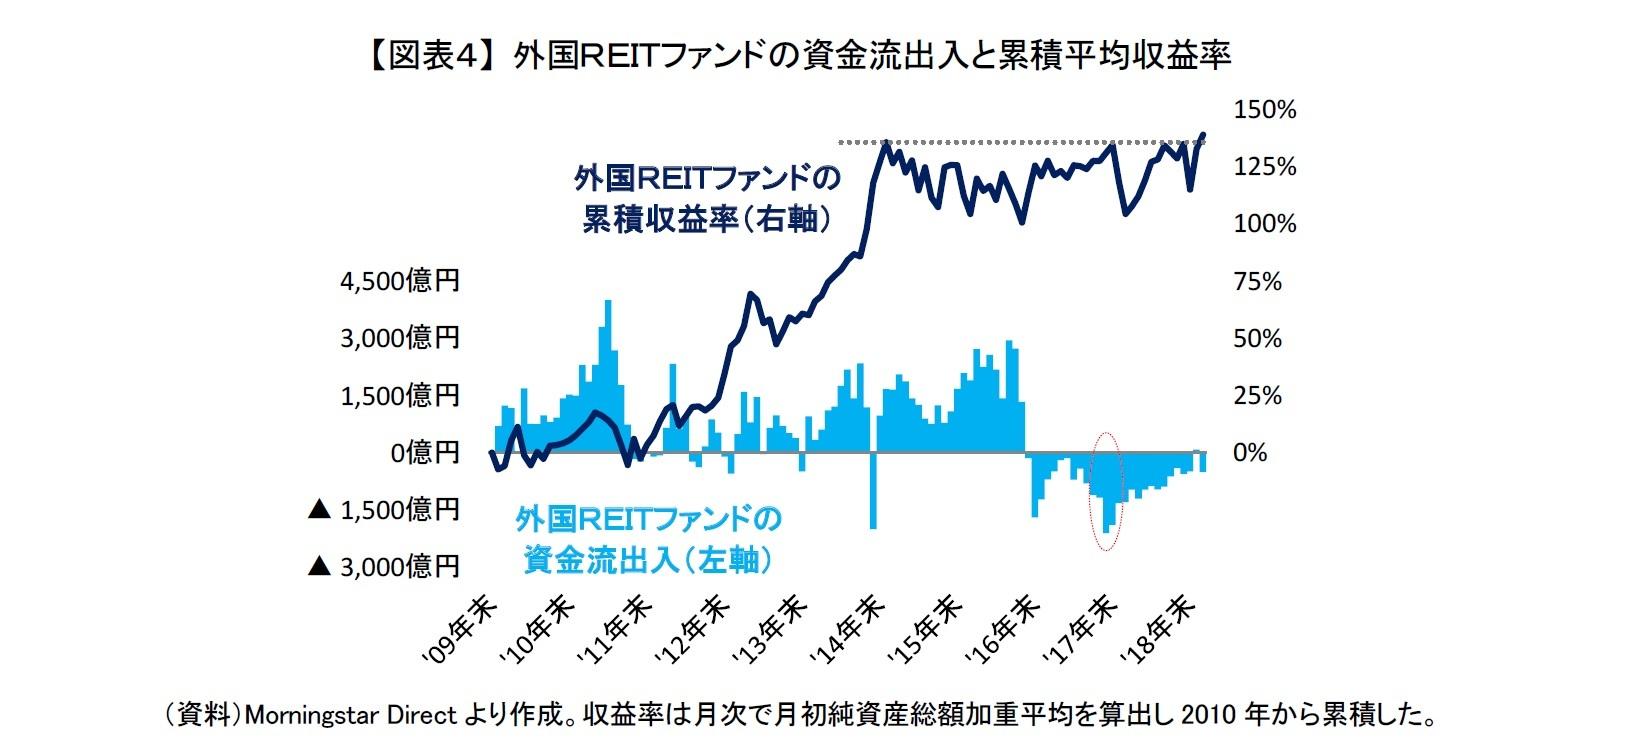 【図表4】 外国REITファンドの資金流出入と累積平均収益率